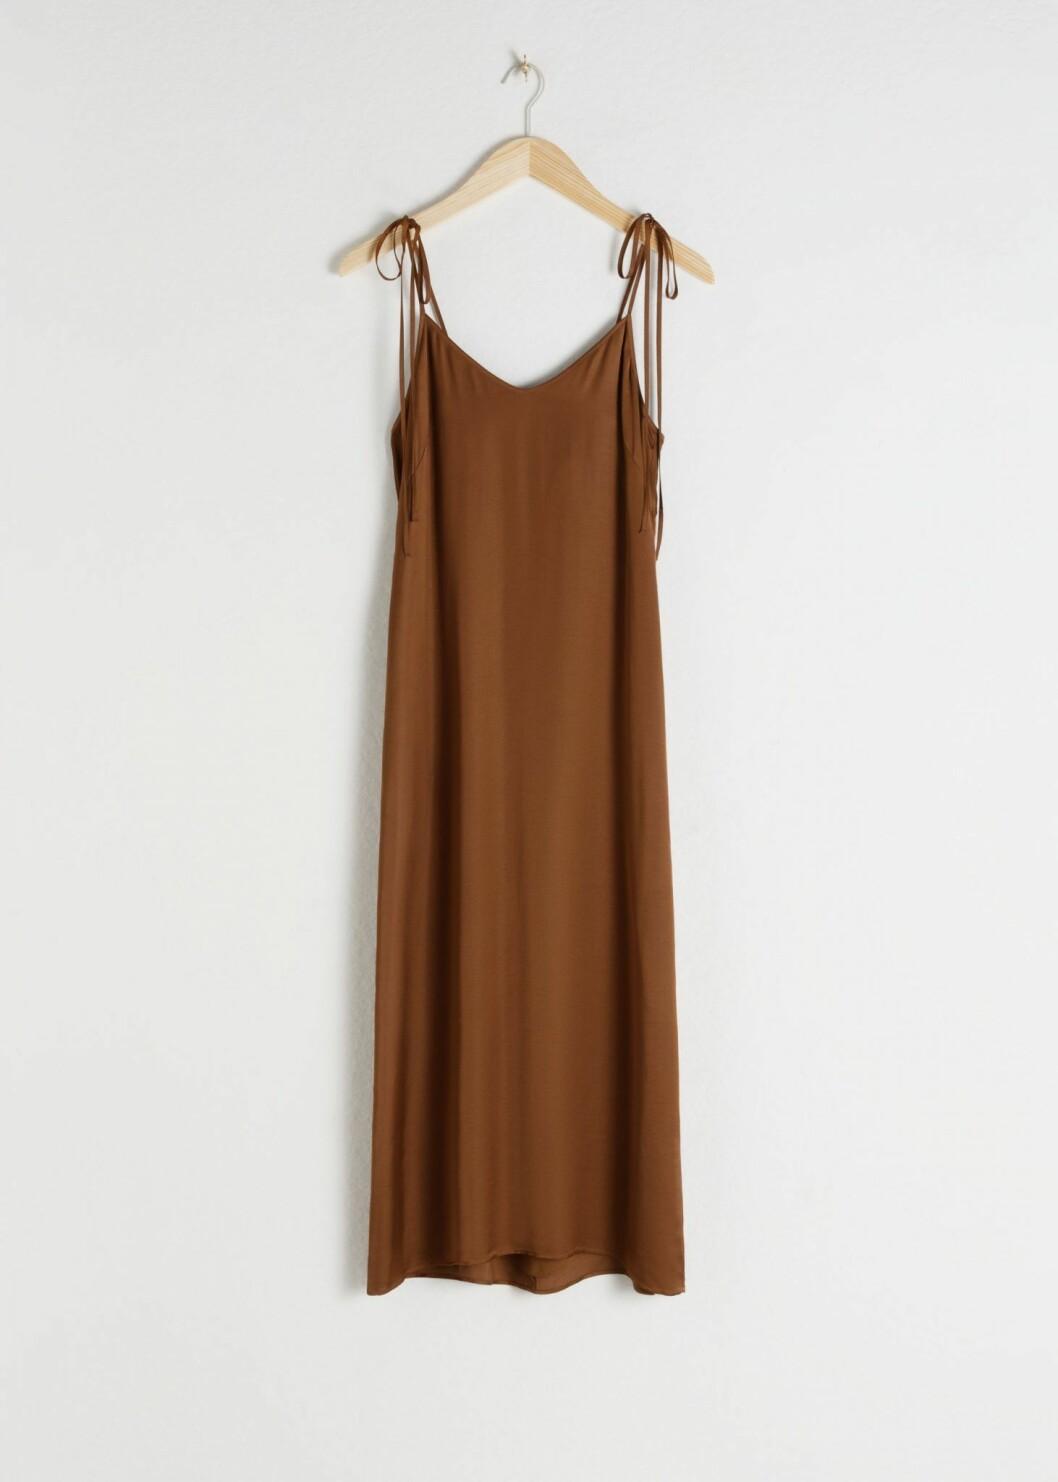 Brun/beiga nyanser blir sällan fel, speciellt inte när det kombineras med fina detaljer som på denna klänning.